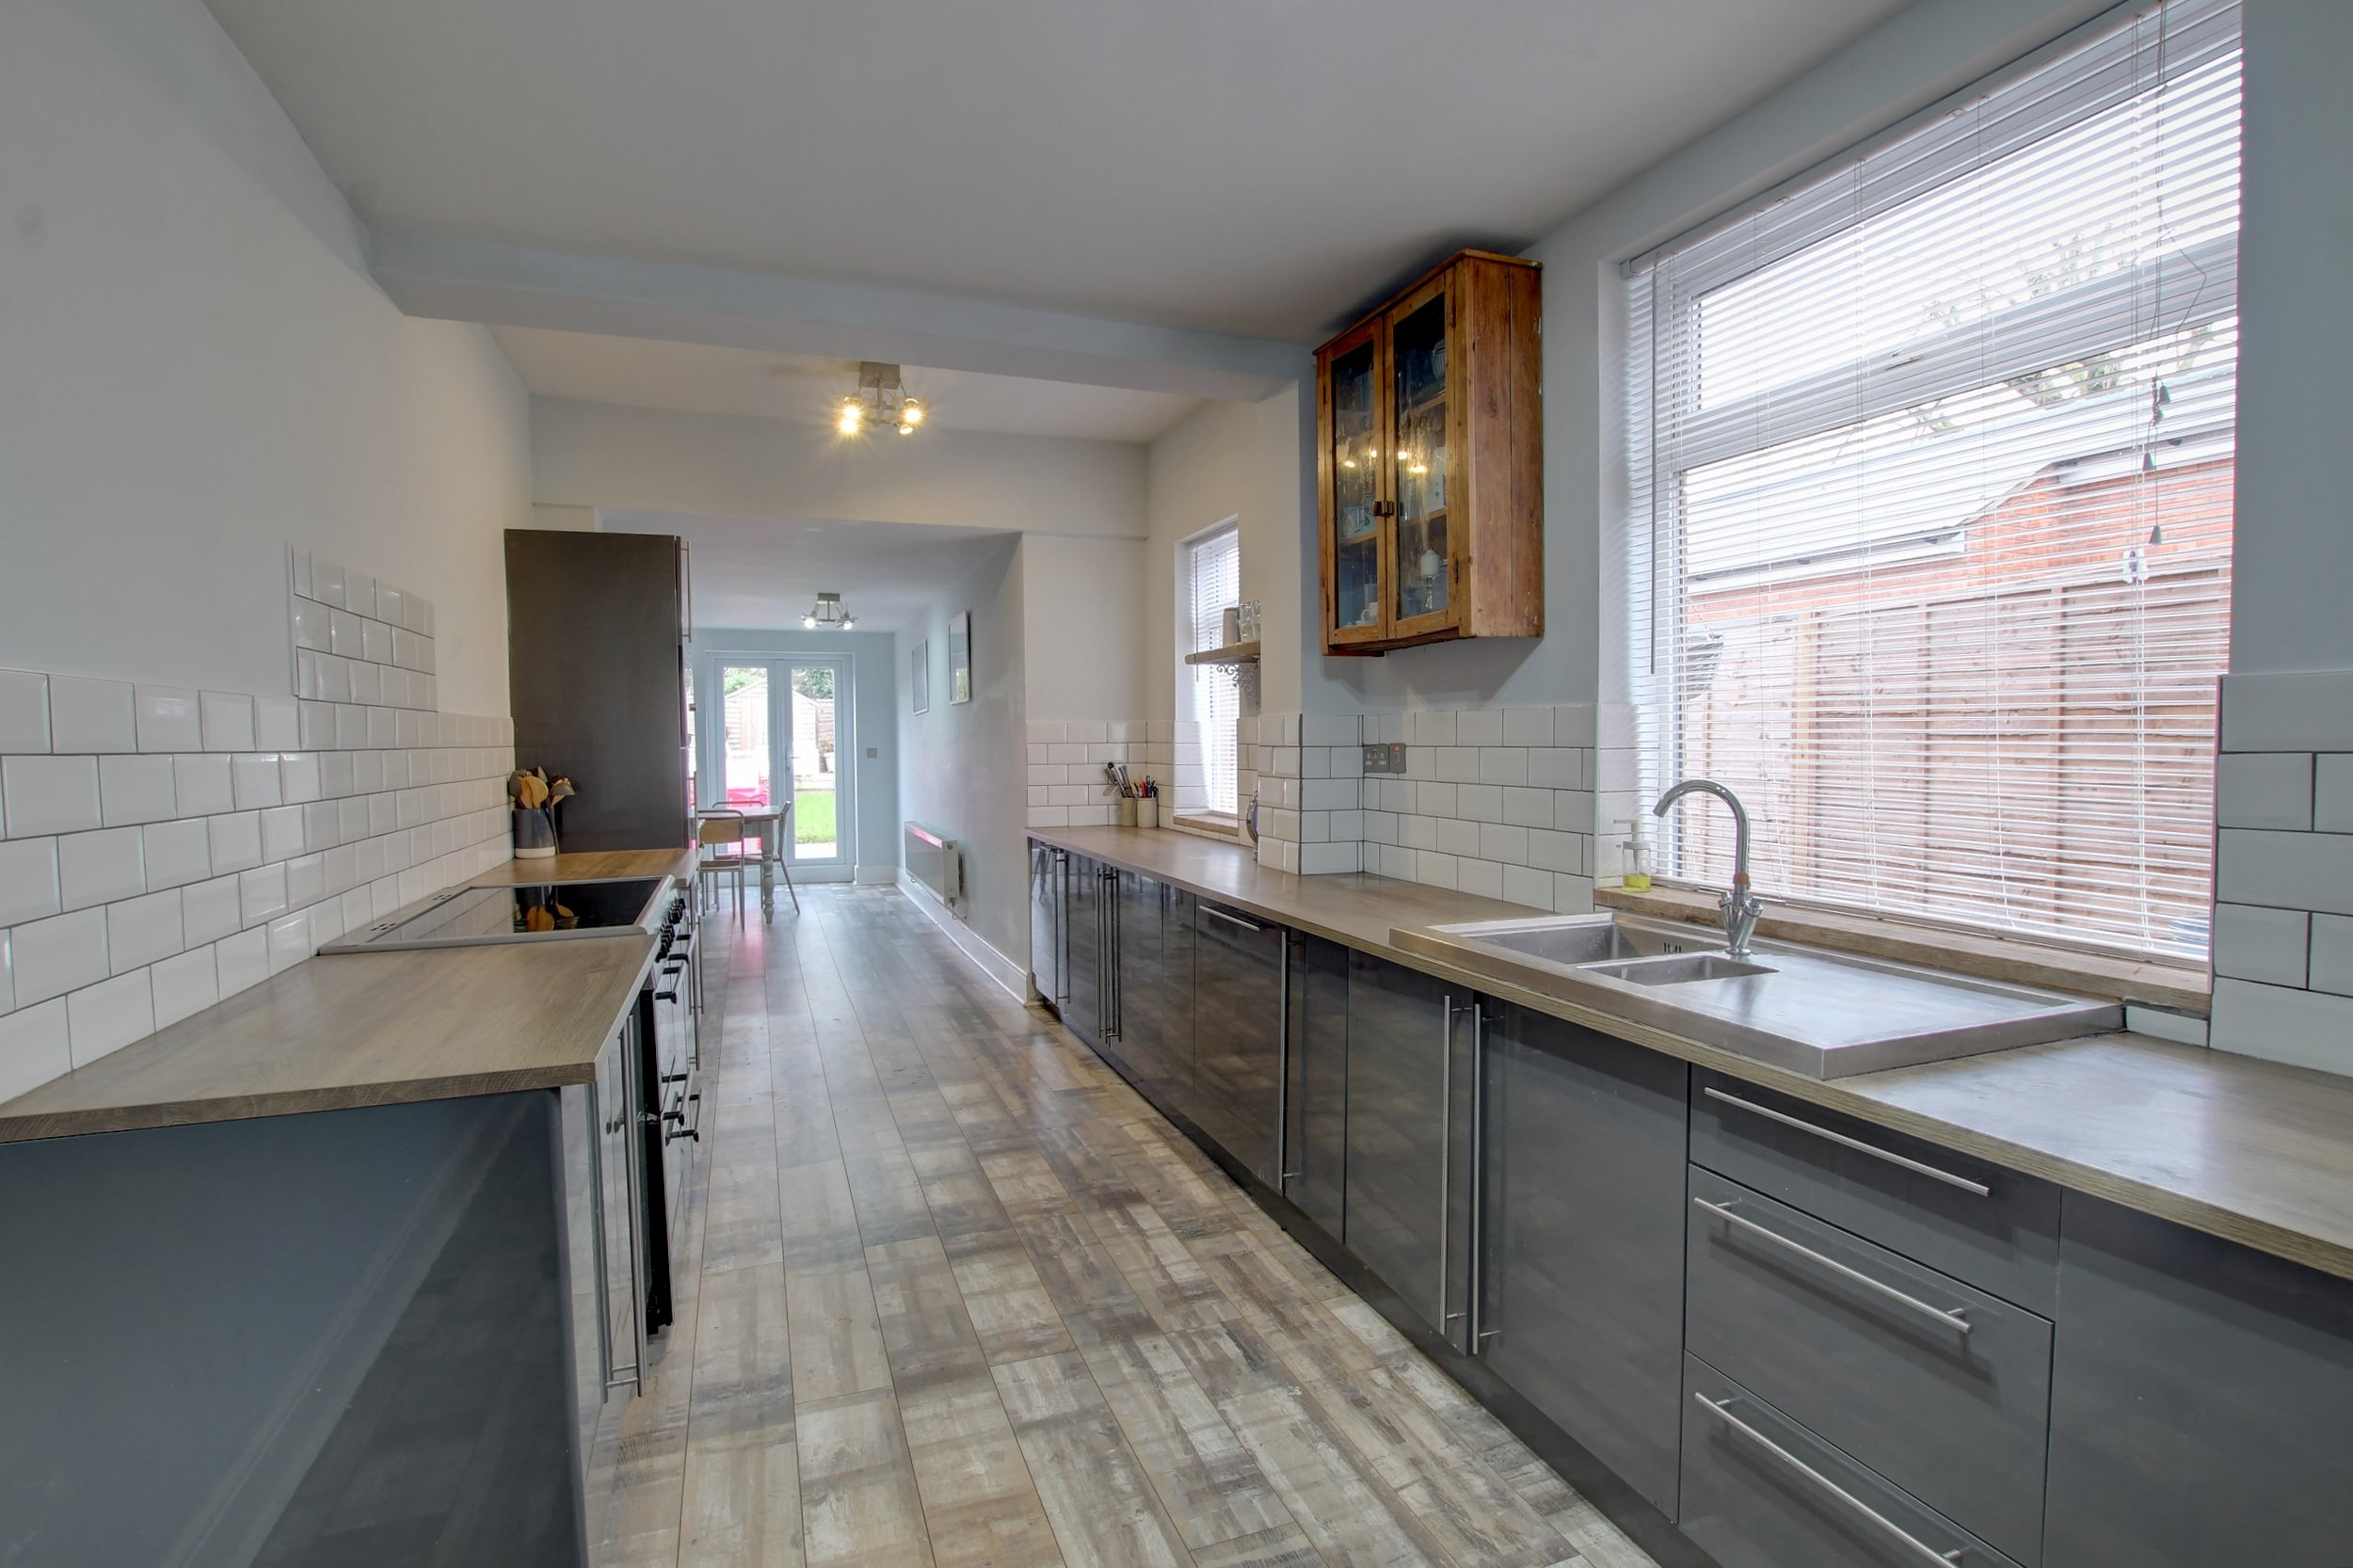 8 kitchen.jpg